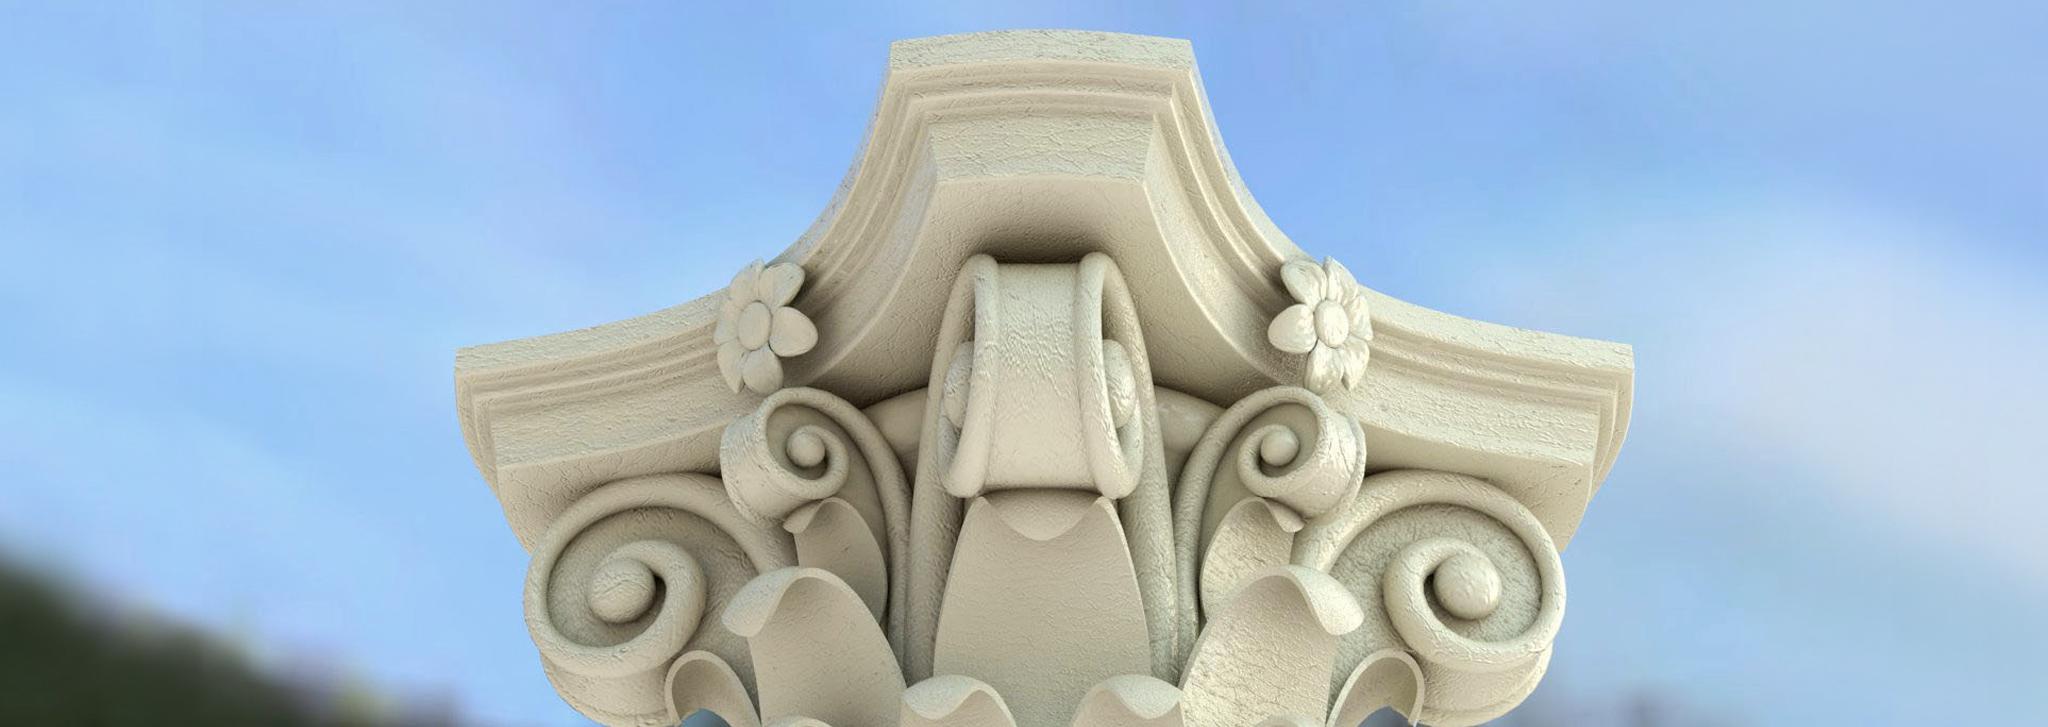 Corso – Rhinoceros   II Livello - Formazione Grafica 3D AAP Studio – Napoli